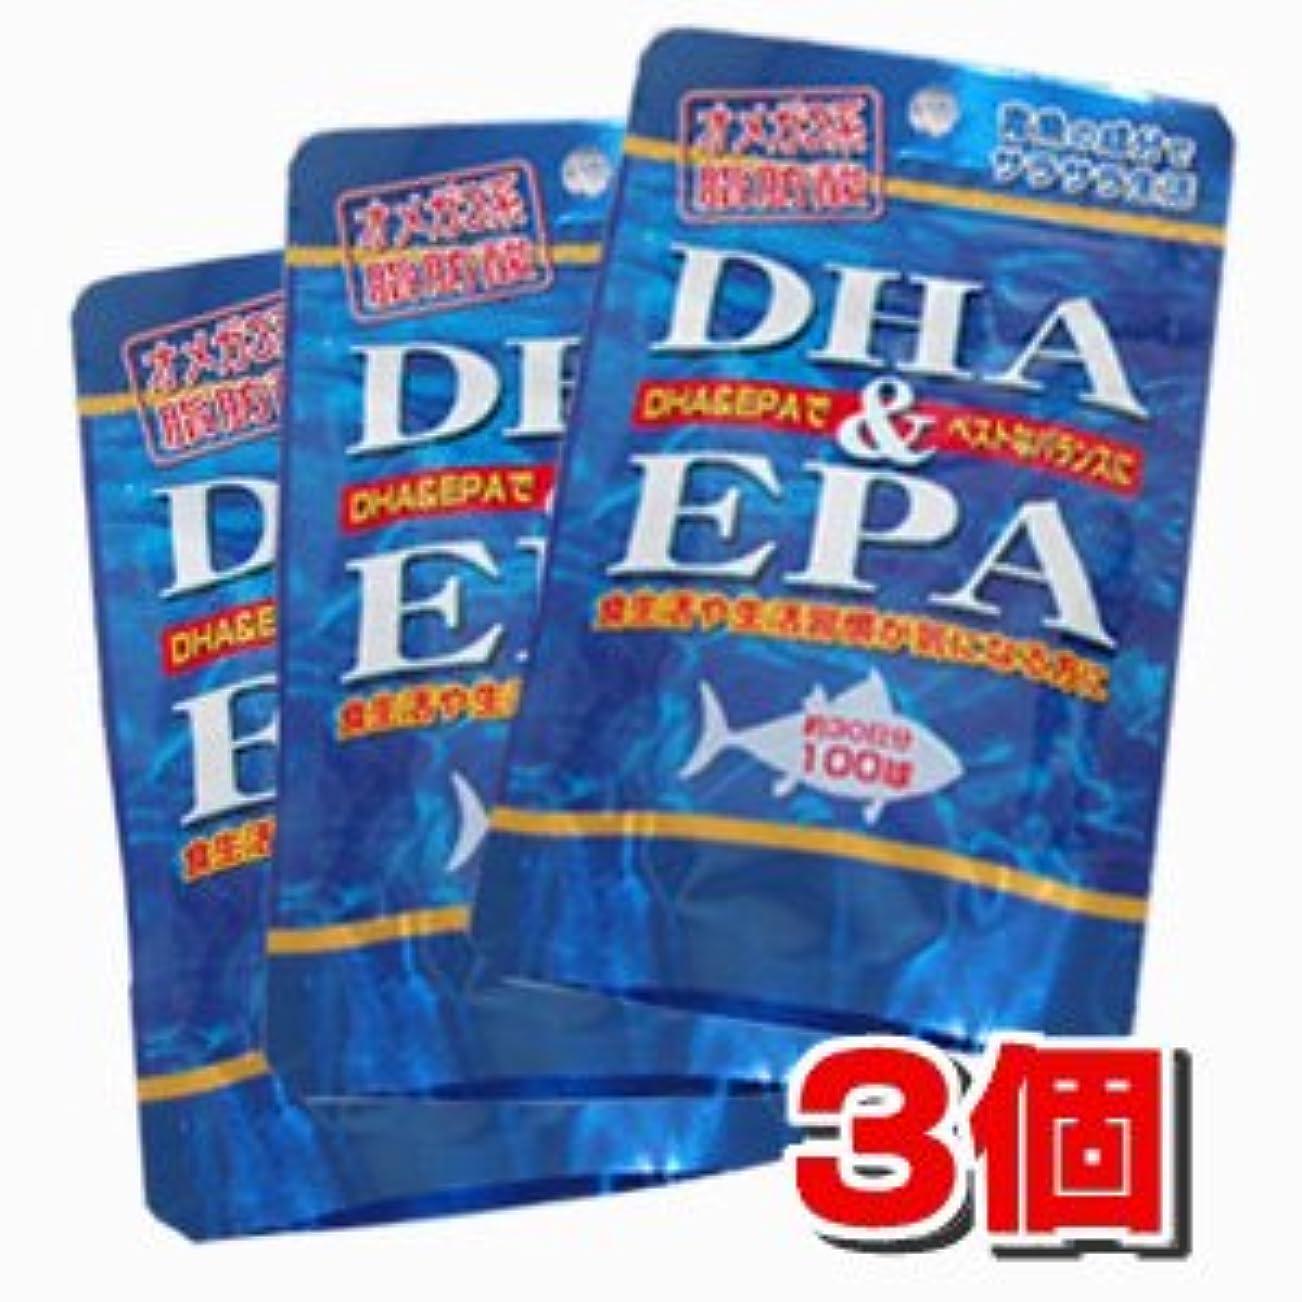 聞きます破壊的なマティスDHA(ドコサヘキサエン酸)&EPA(エイコサペンタエン酸)